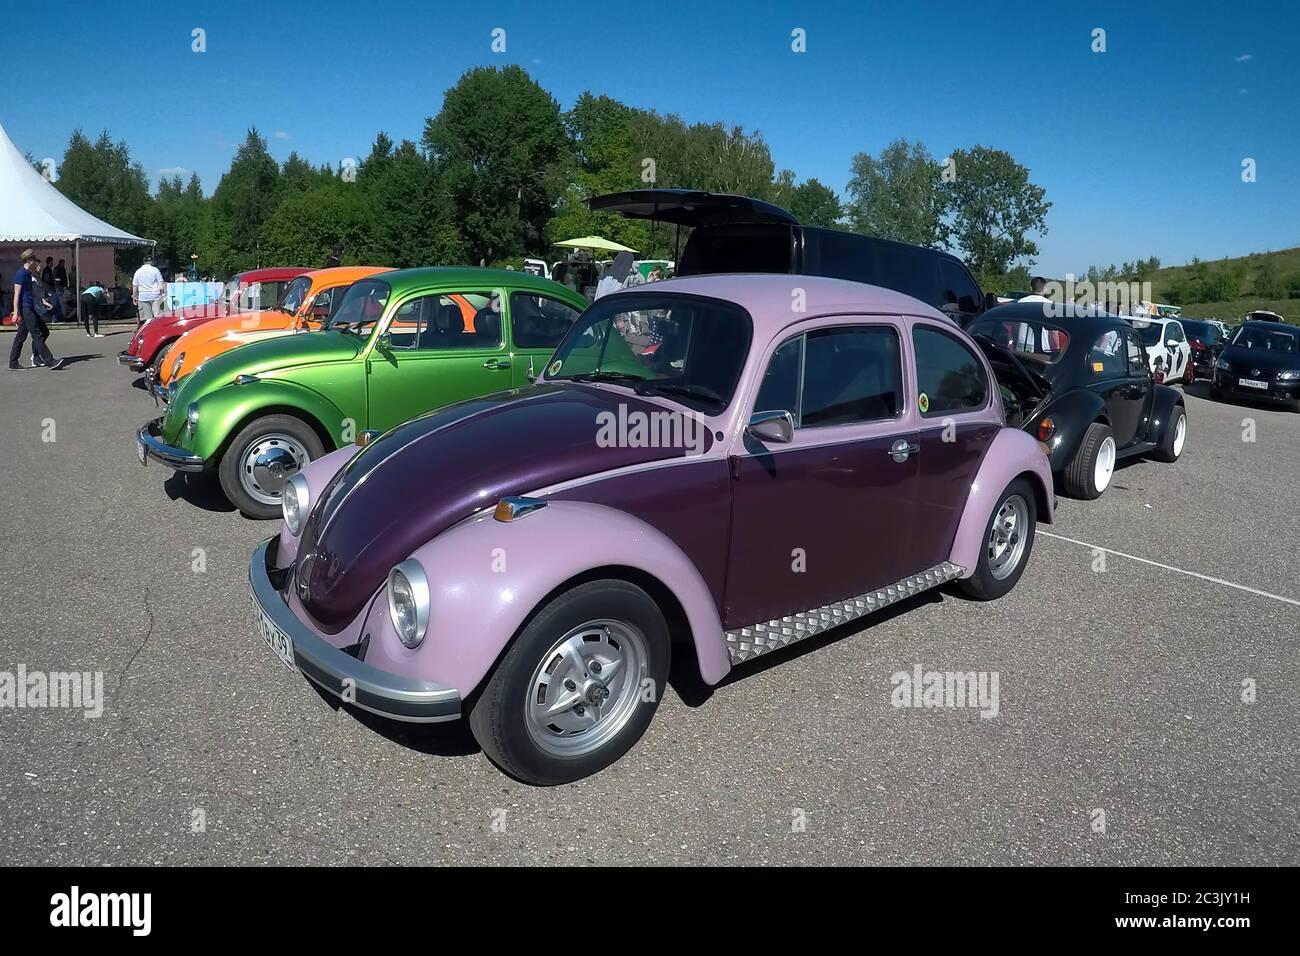 Moscou, Russie - 01 juin 2019 : voitures de rencontre Volkswagen scarabée (Kaefer) dans le parking ouvert de la rue. Voitures colorées garées Banque D'Images